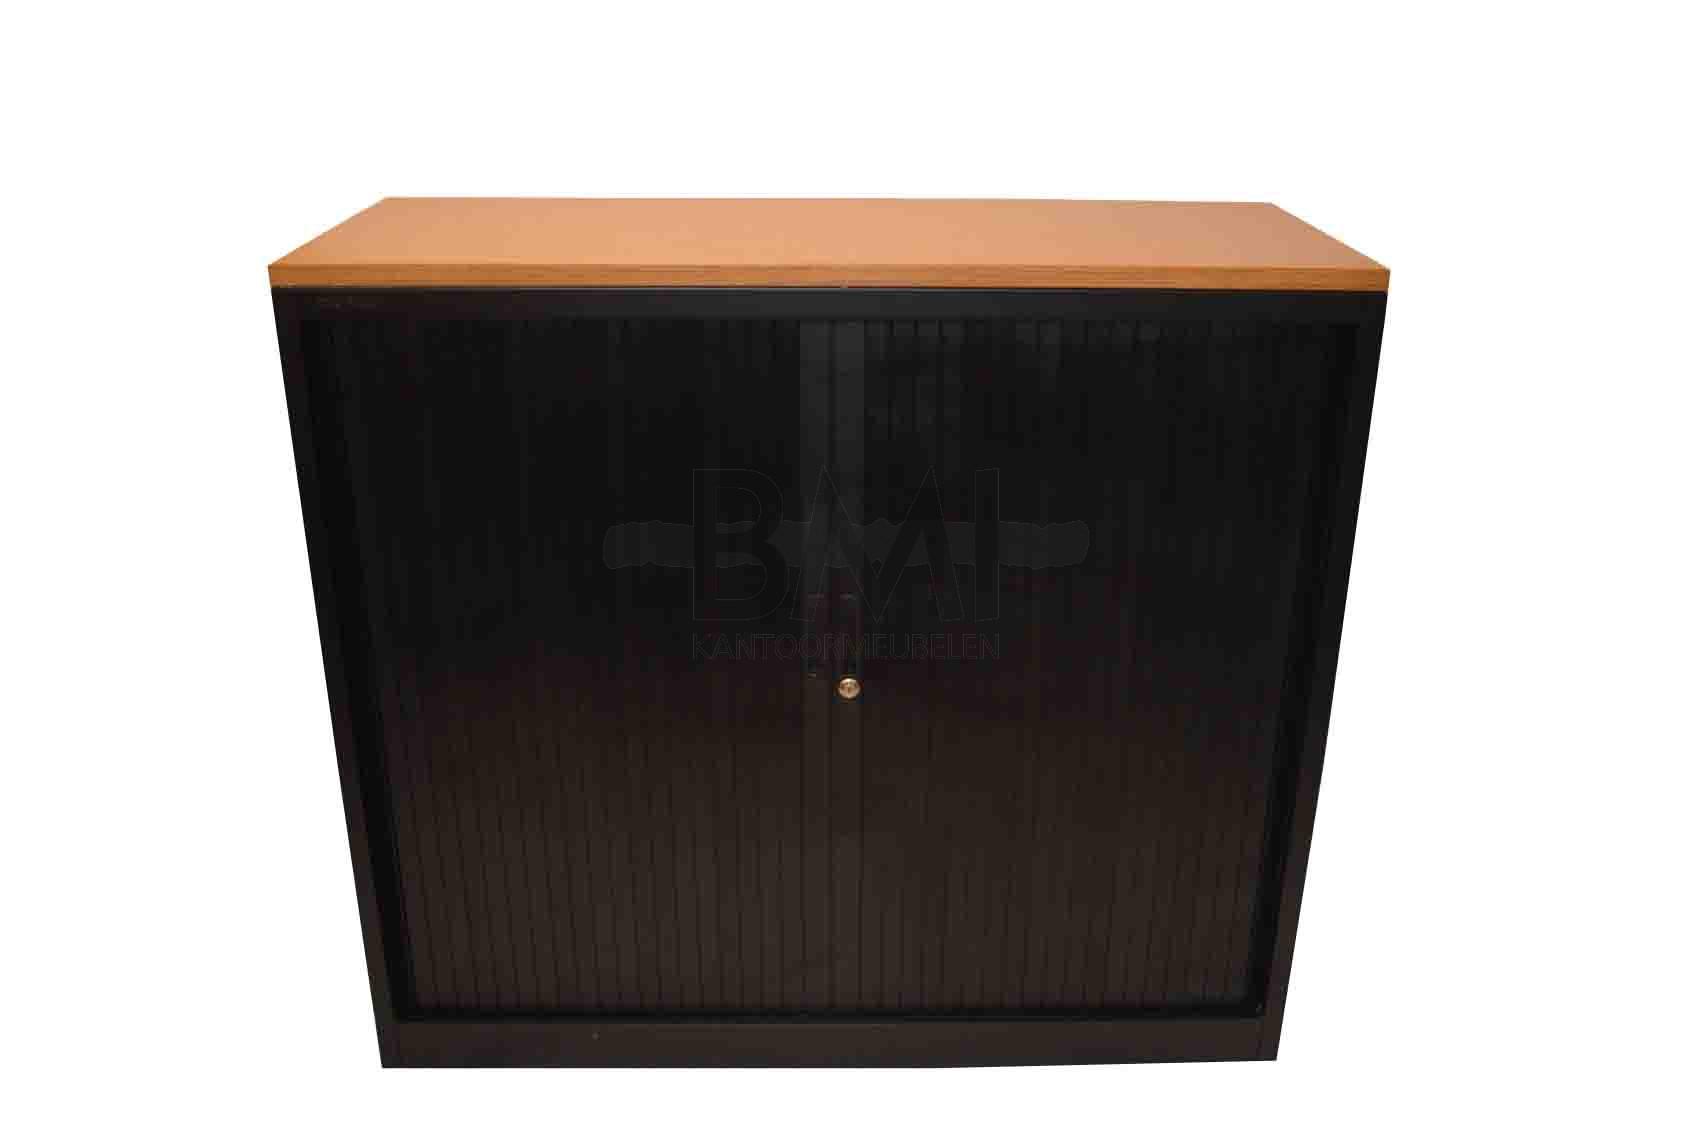 Roldeurkast Inofel 105 x 120 x 45 cm zwart / eiken top